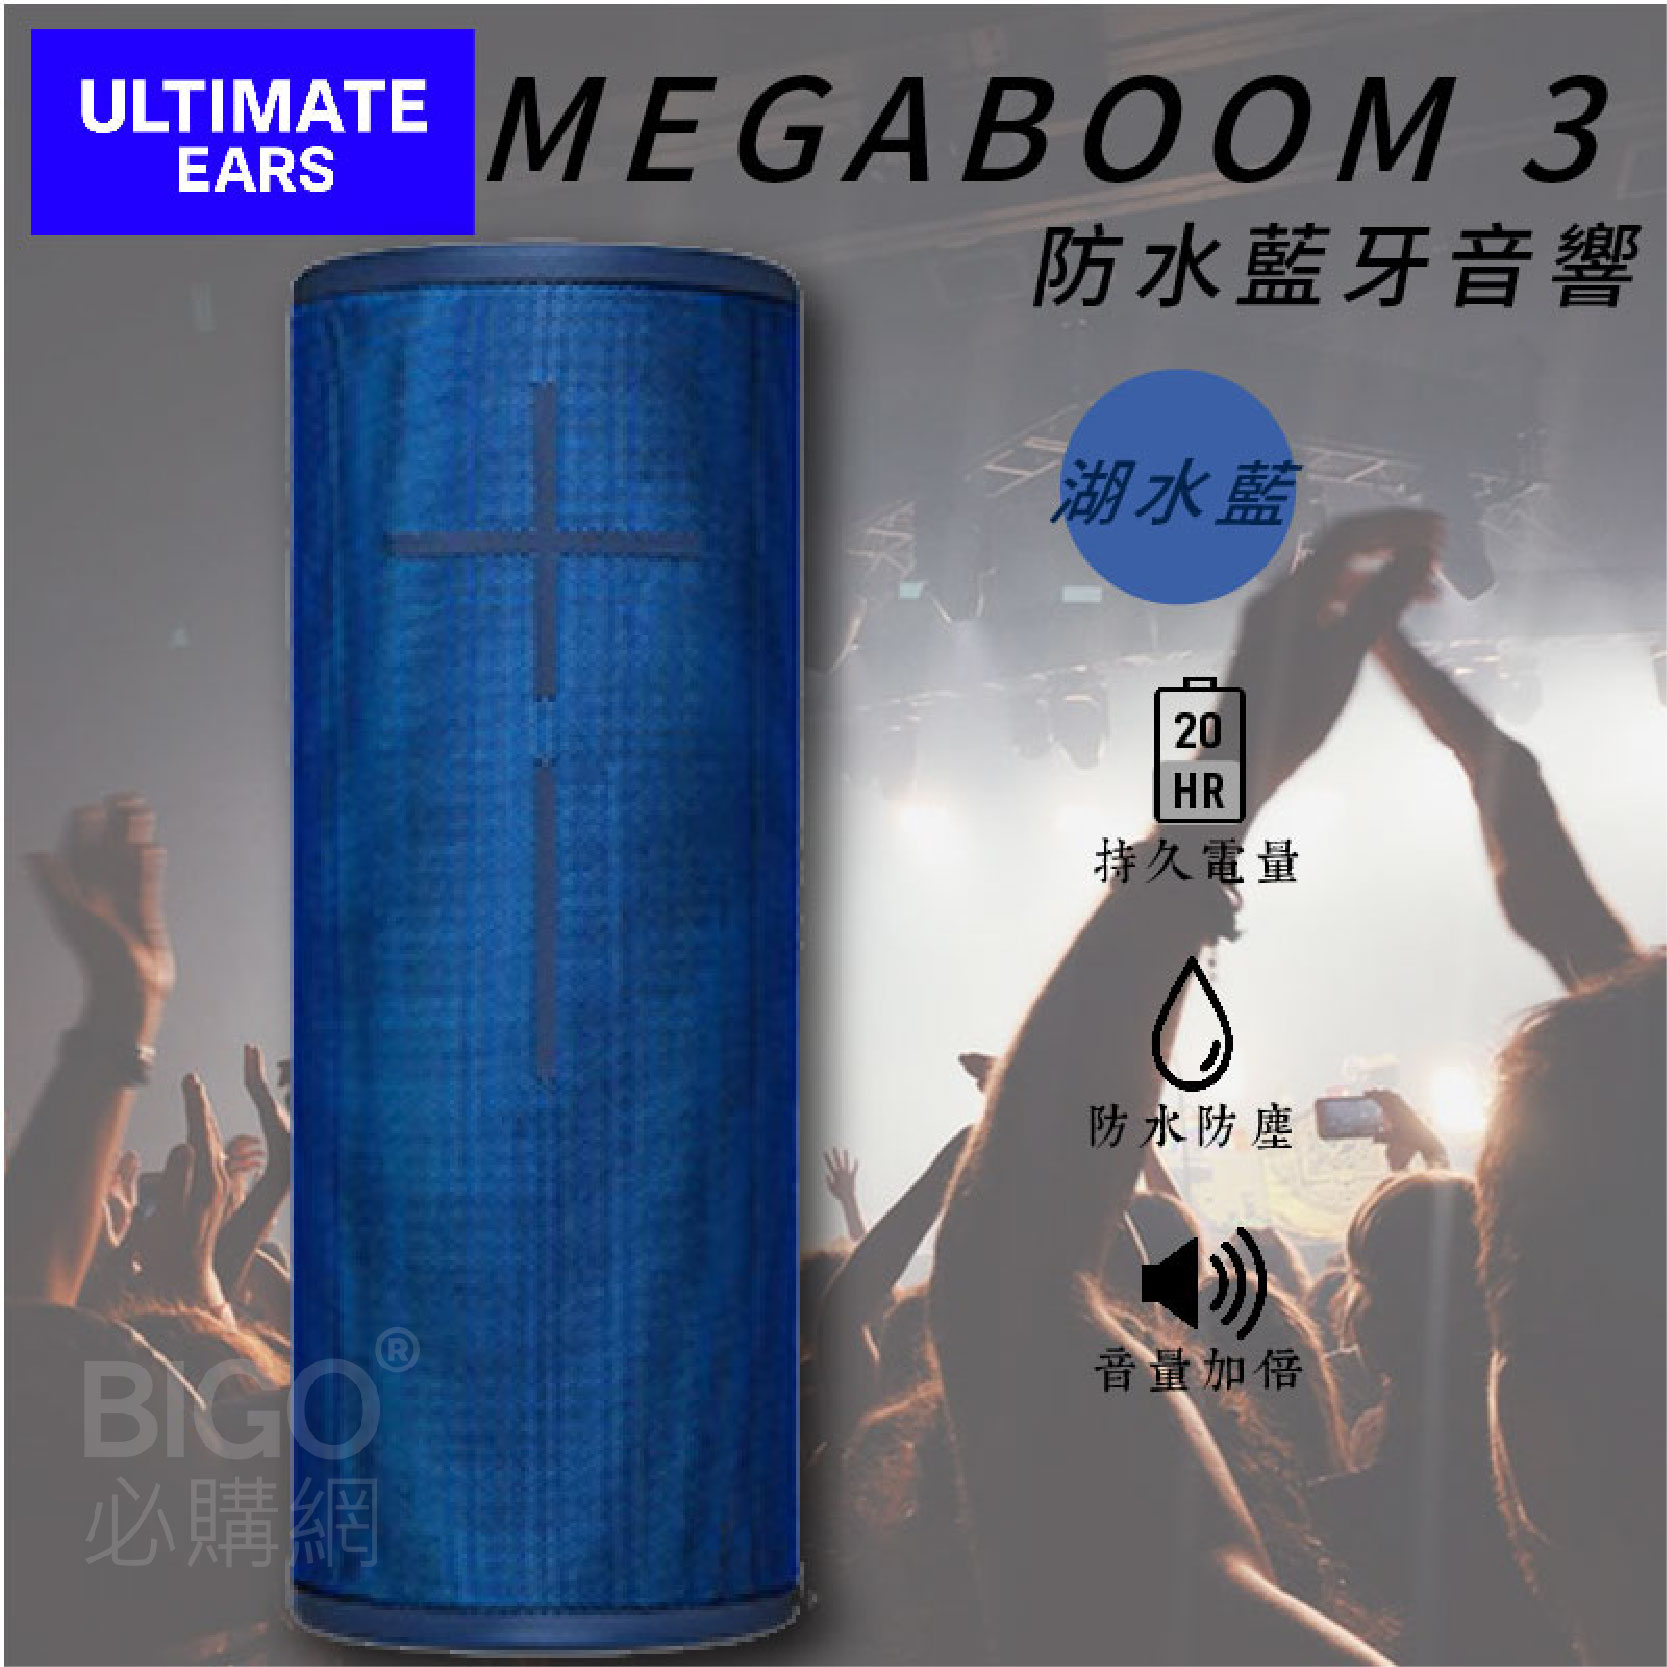 超大音量🔊美國UE MEGABOOM3 湖水藍 藍芽喇叭 防水 防塵 可浮水  IP67 音量增強 操作簡易 無線